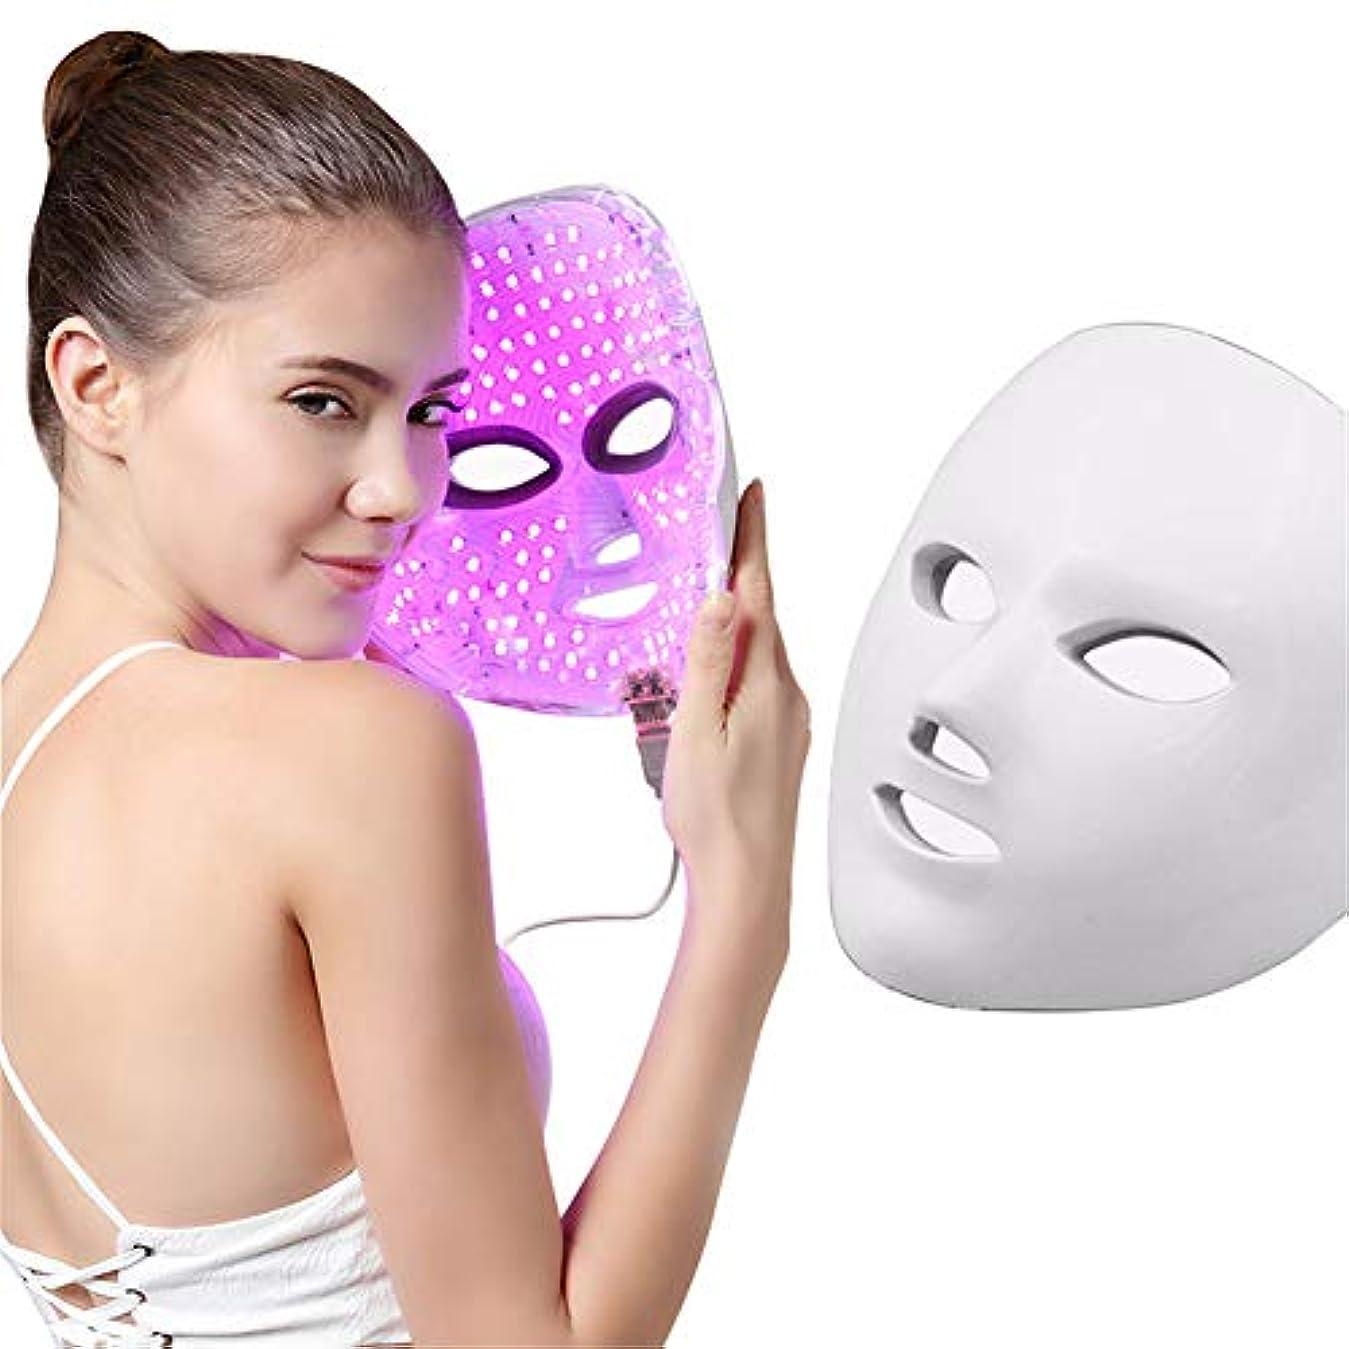 ジョセフバンクスジャケットダメージ7色ledマスク若返りにきび除去しわライト美容マスクled光線療法マッサージフェイシャルケア機付きリモコン